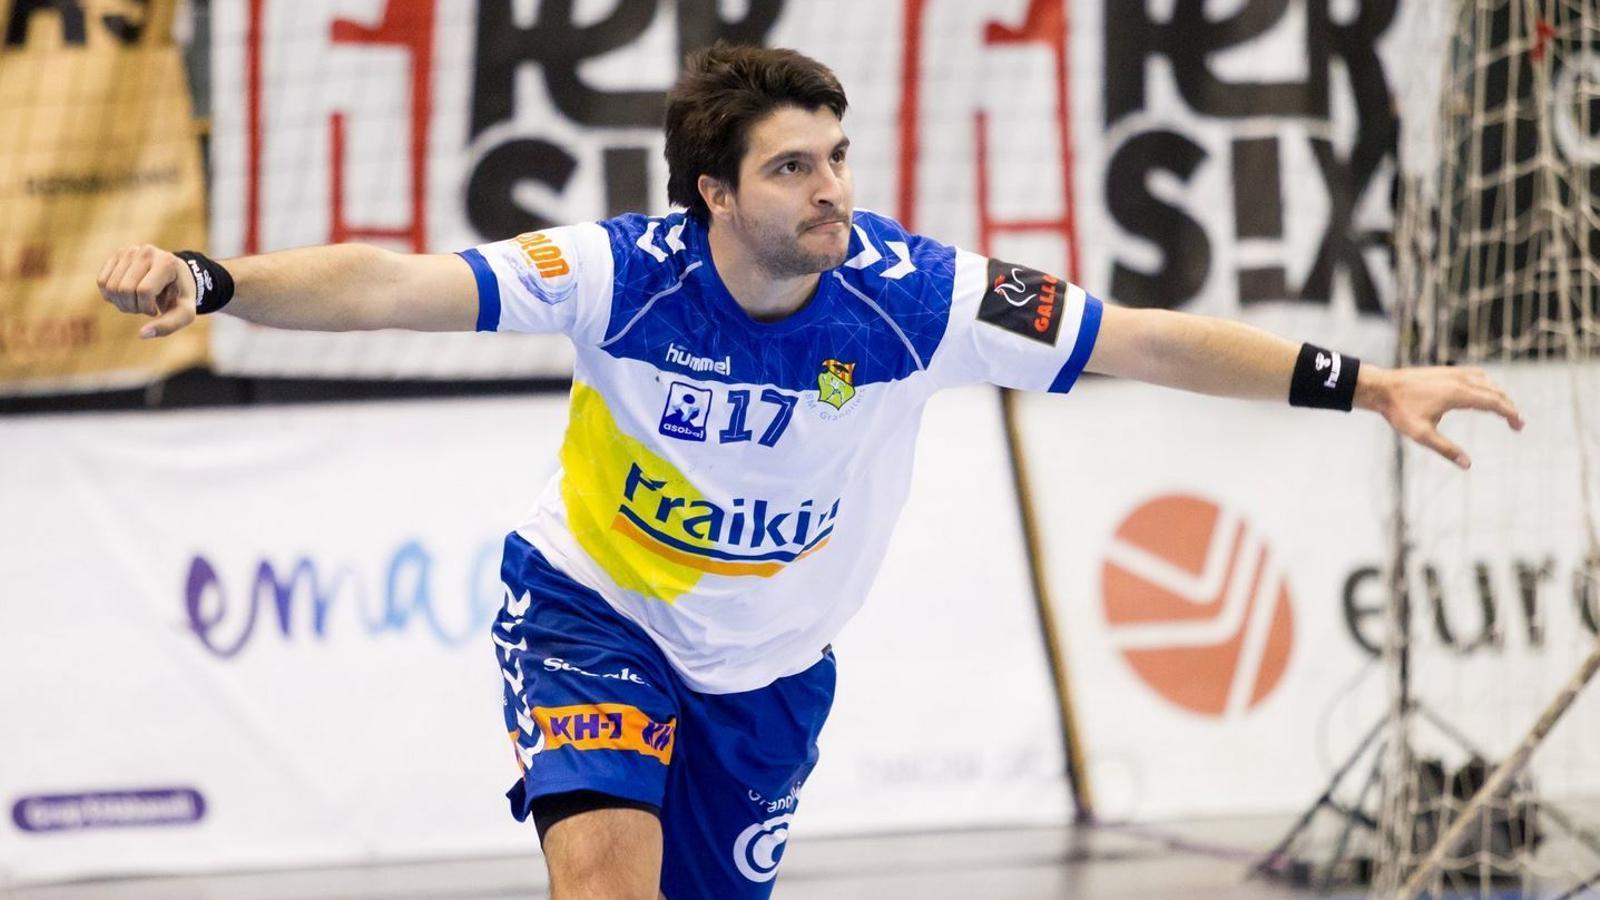 El capità David Resina celebra un gol a l'Olímpic de Granollers